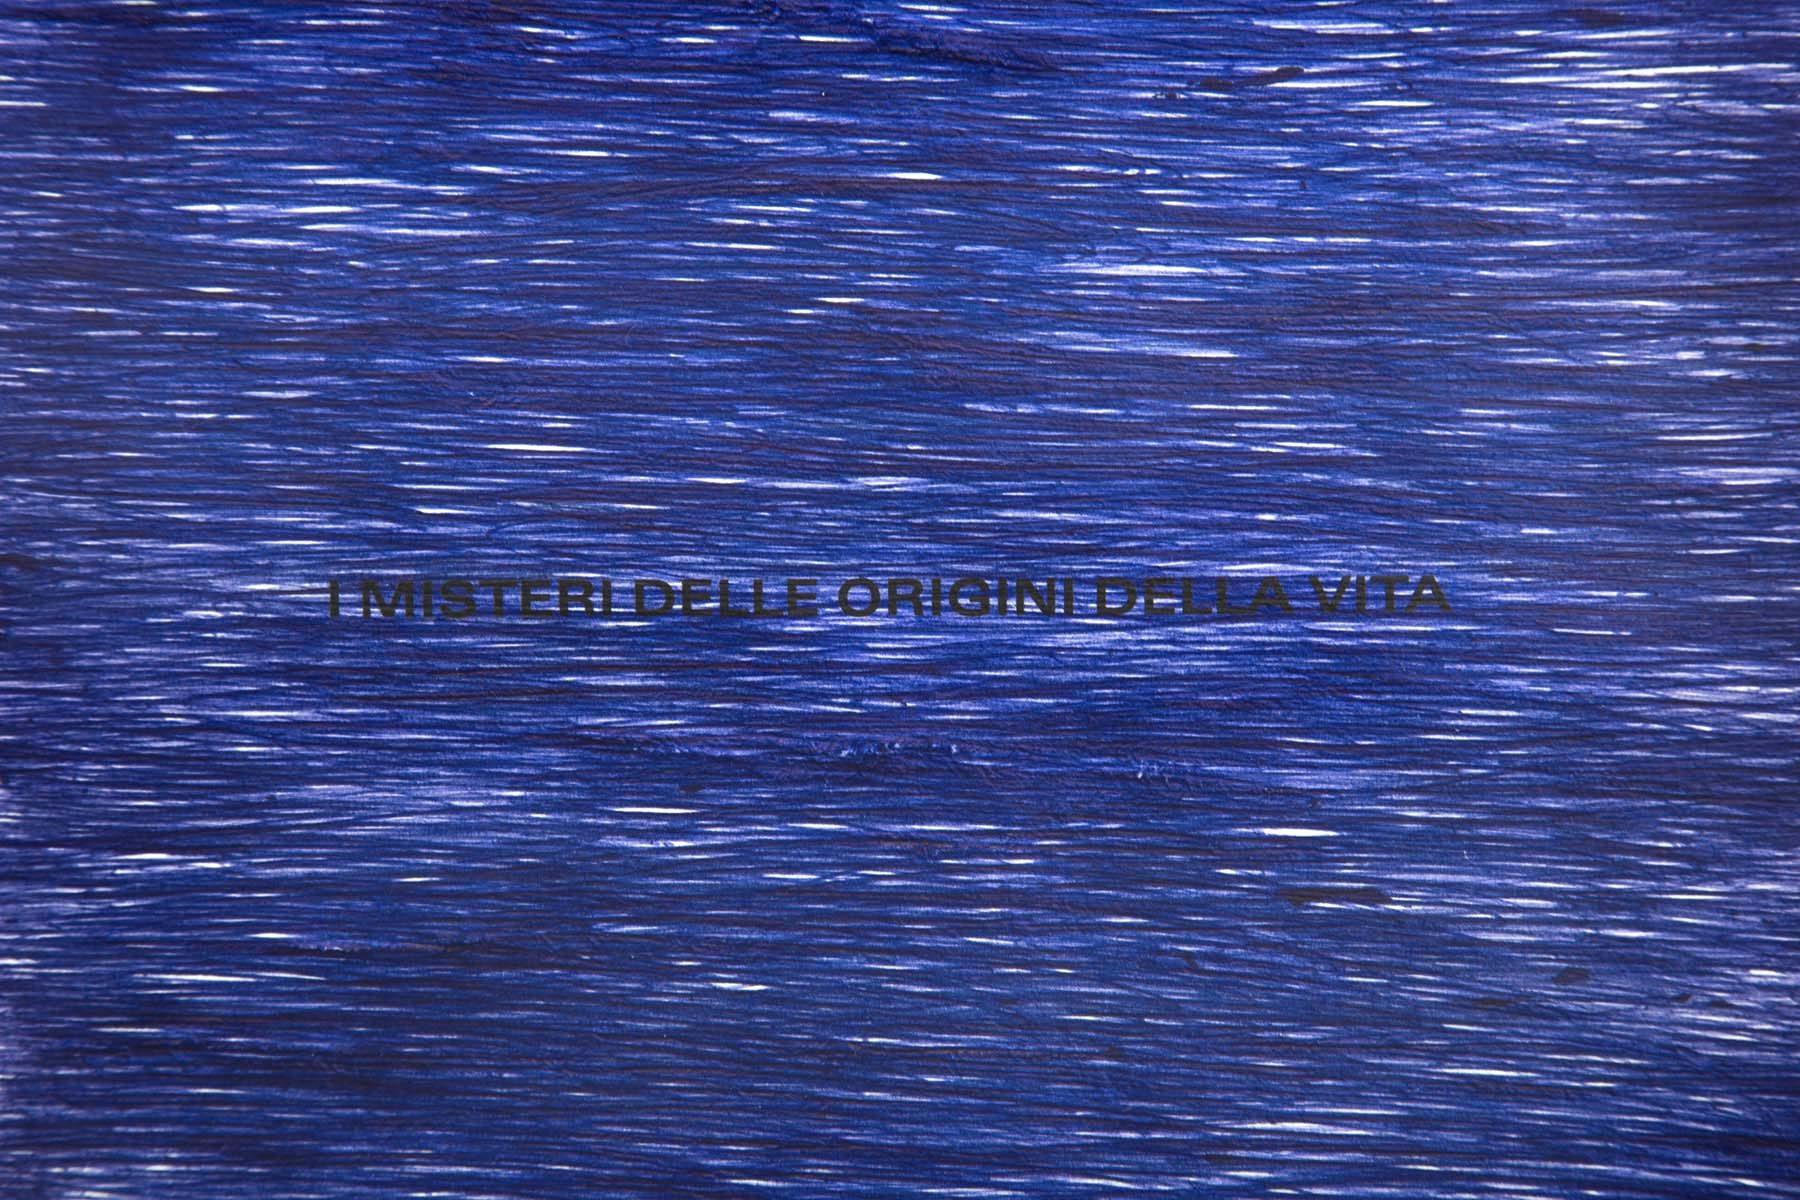 Marco Godinho, I misteri delle origini della vita, 2017, blue ballpoint on torn book page, 27.3 x 20.5 cm